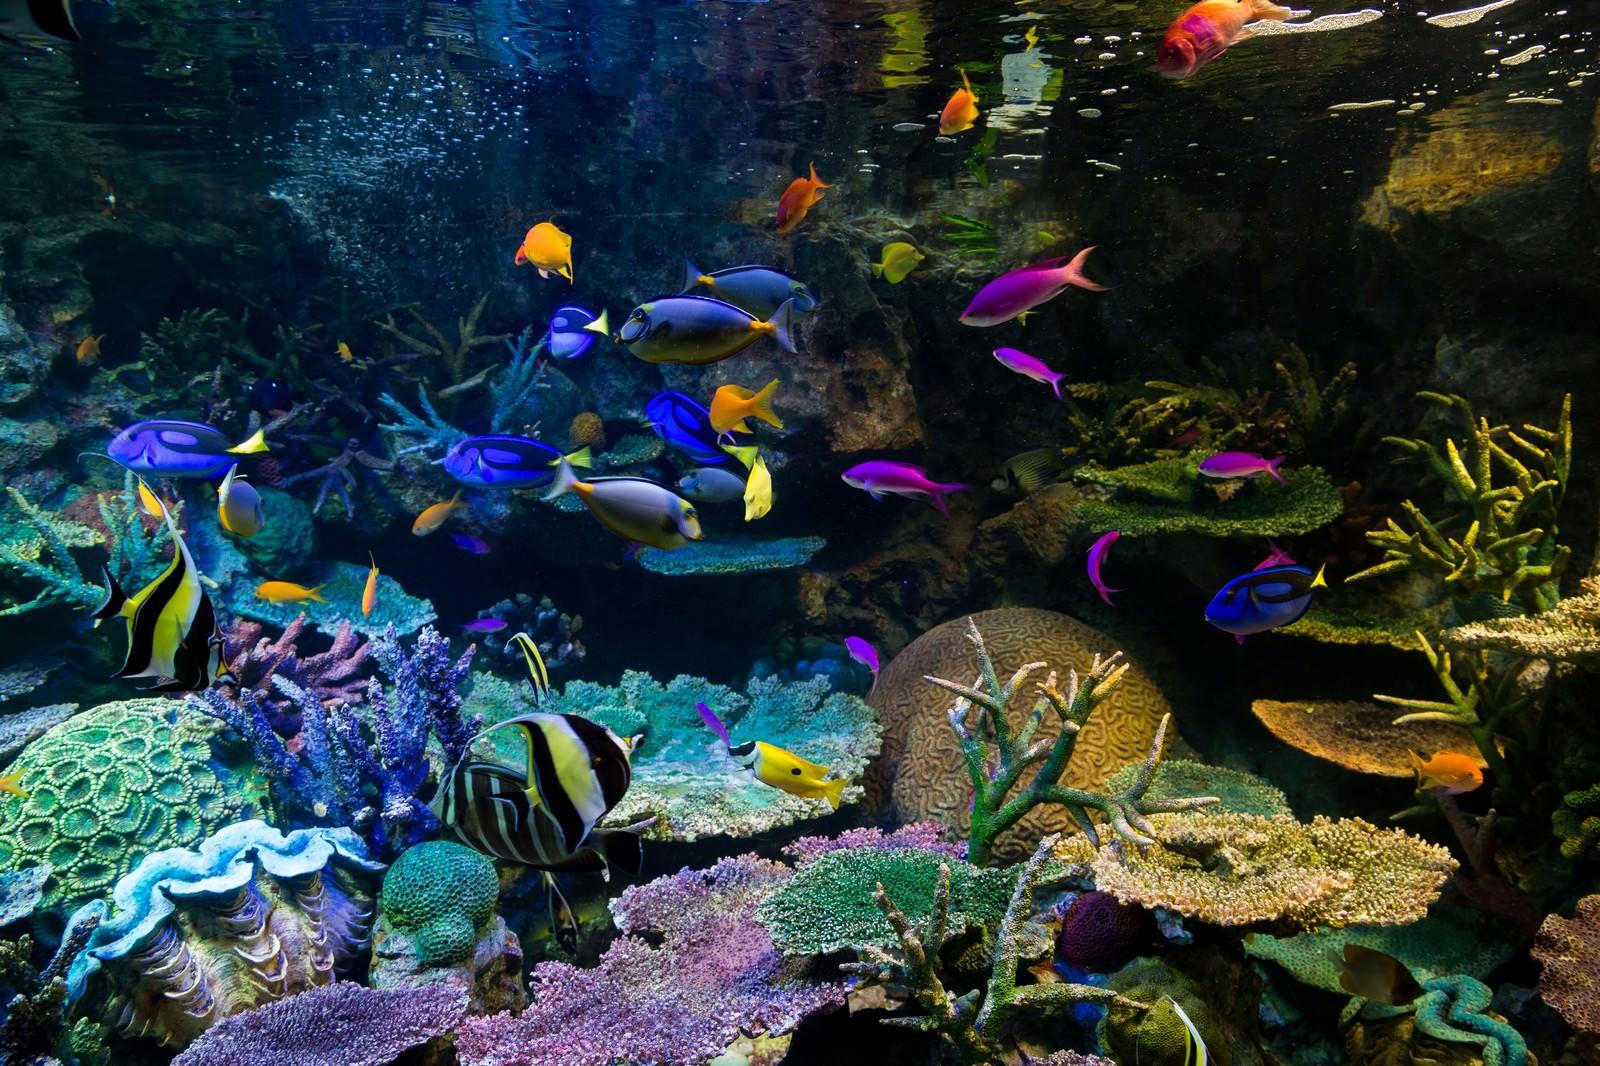 「水族館の熱帯魚」の写真